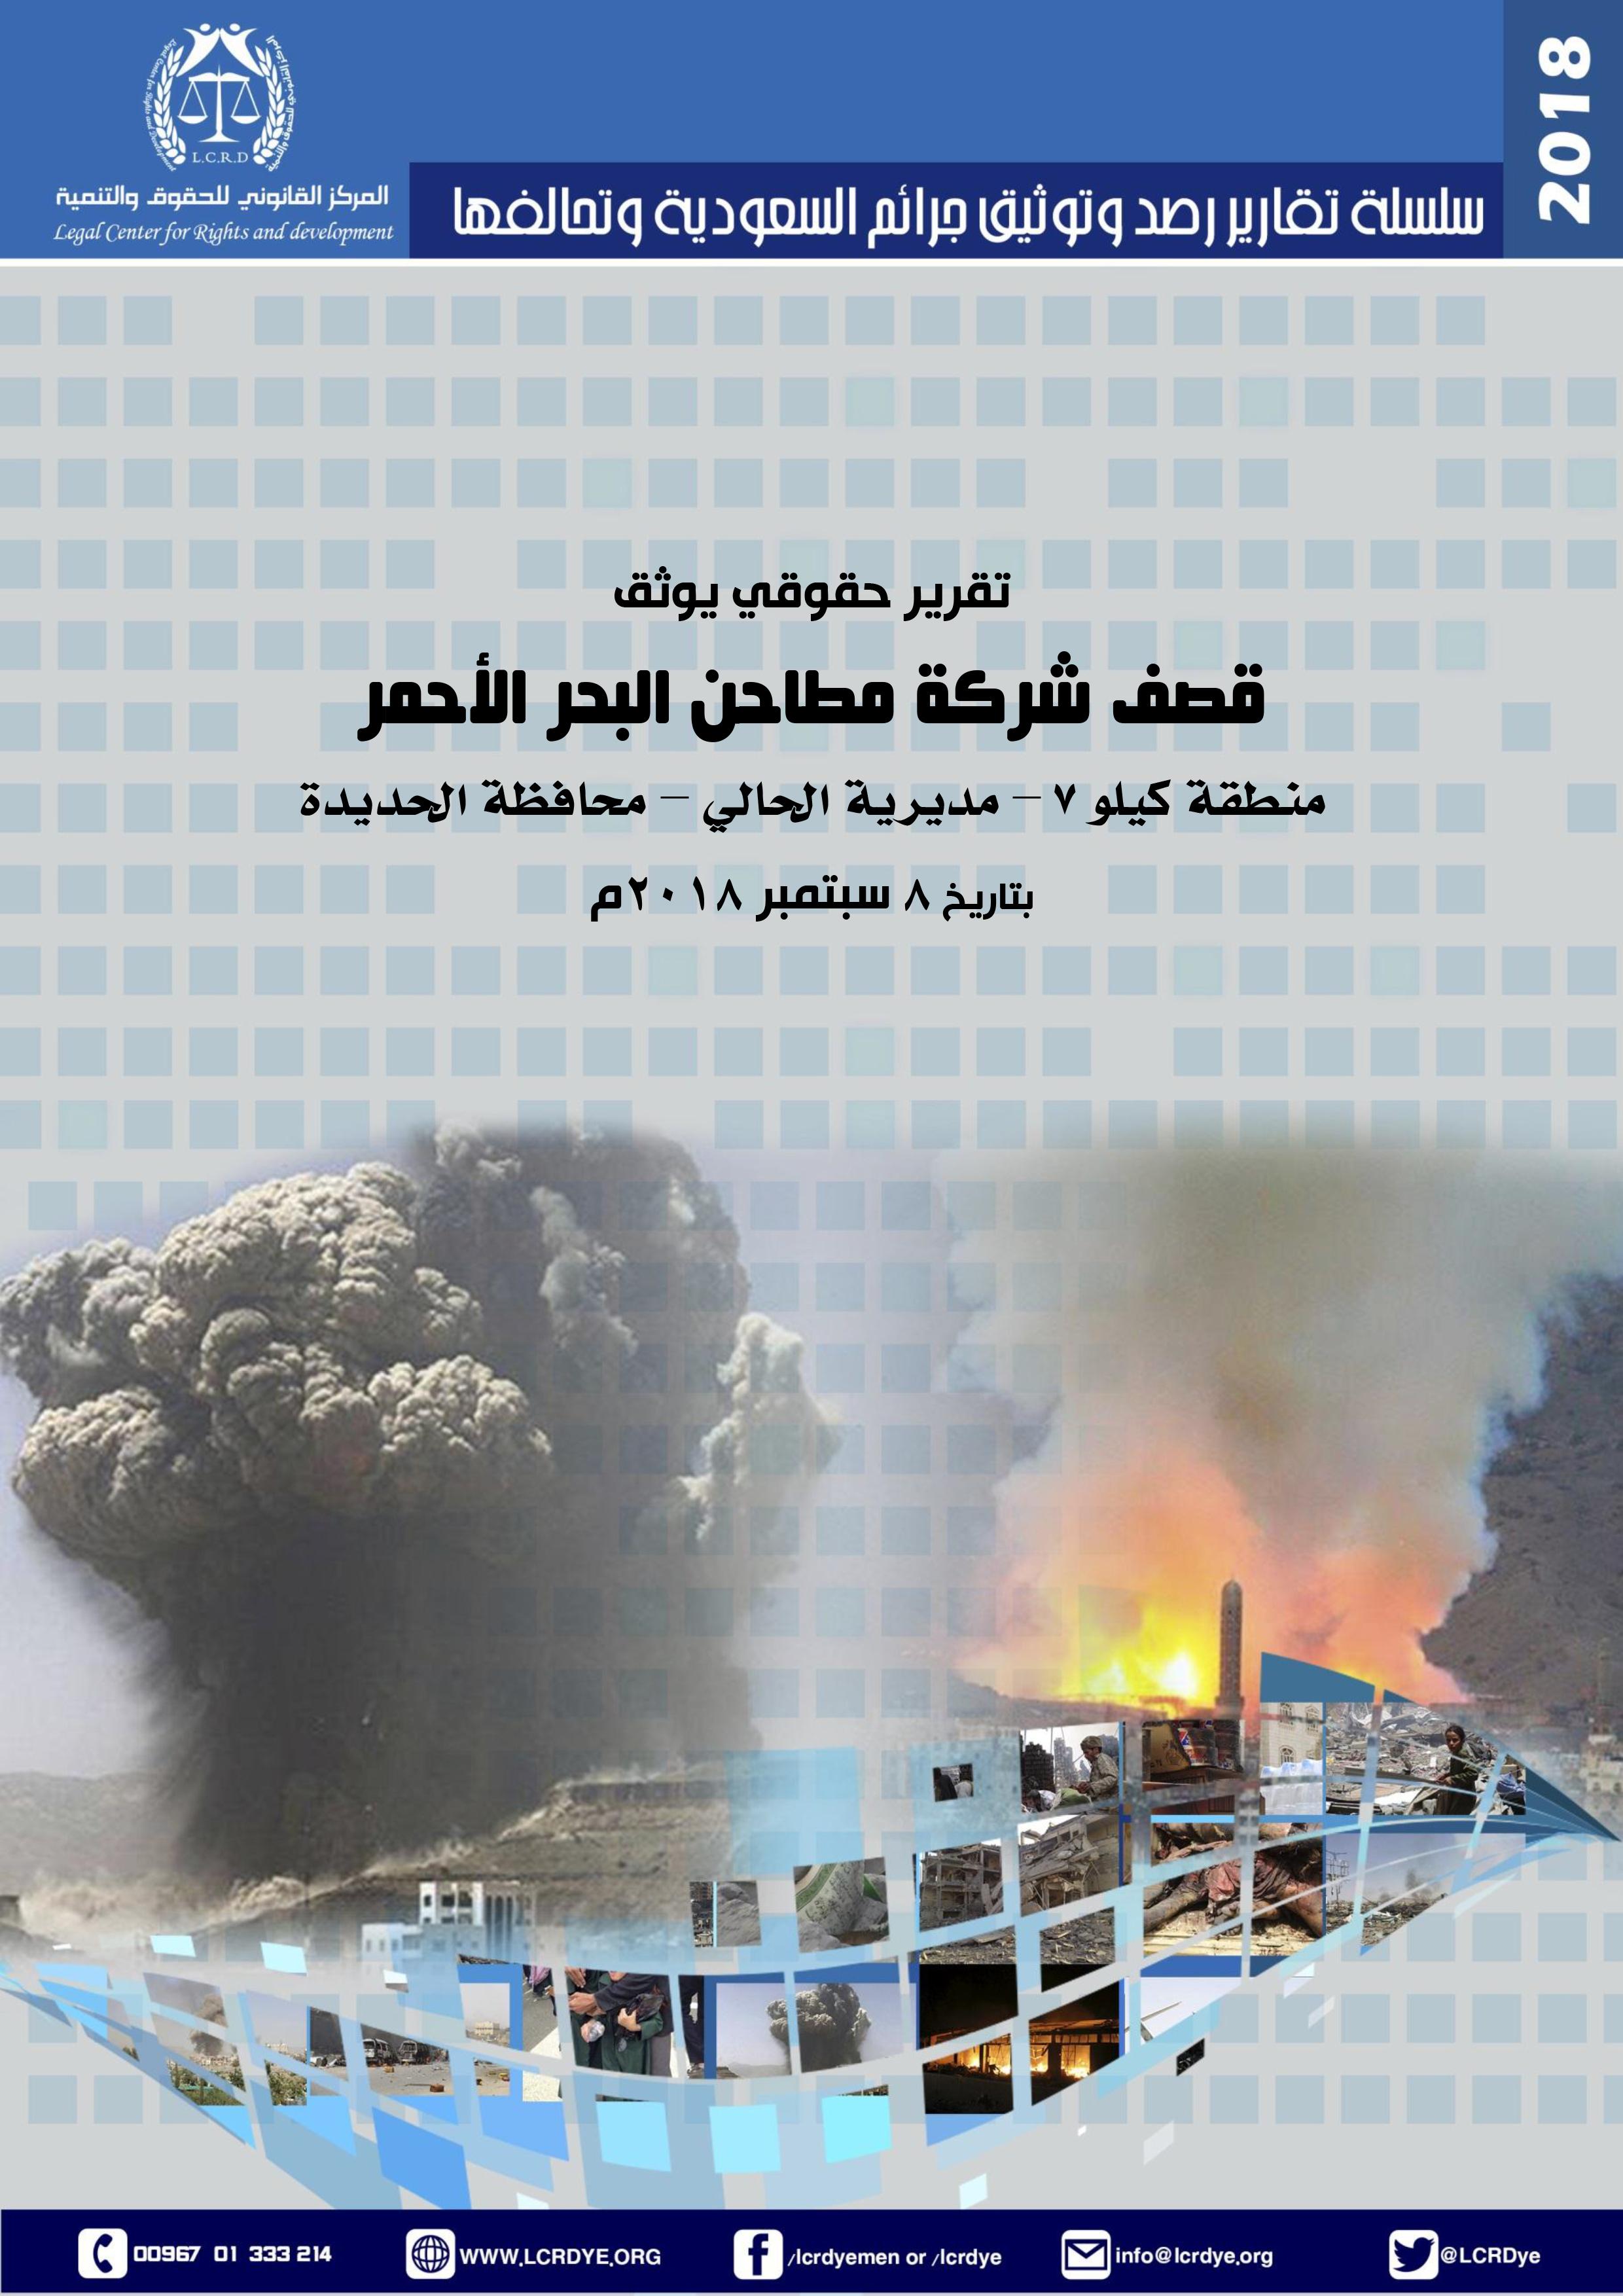 قصف المرتزقة مطاحن البحر الأحمر- كيلو7-الحالي-الحديدة 8-9-2018-1